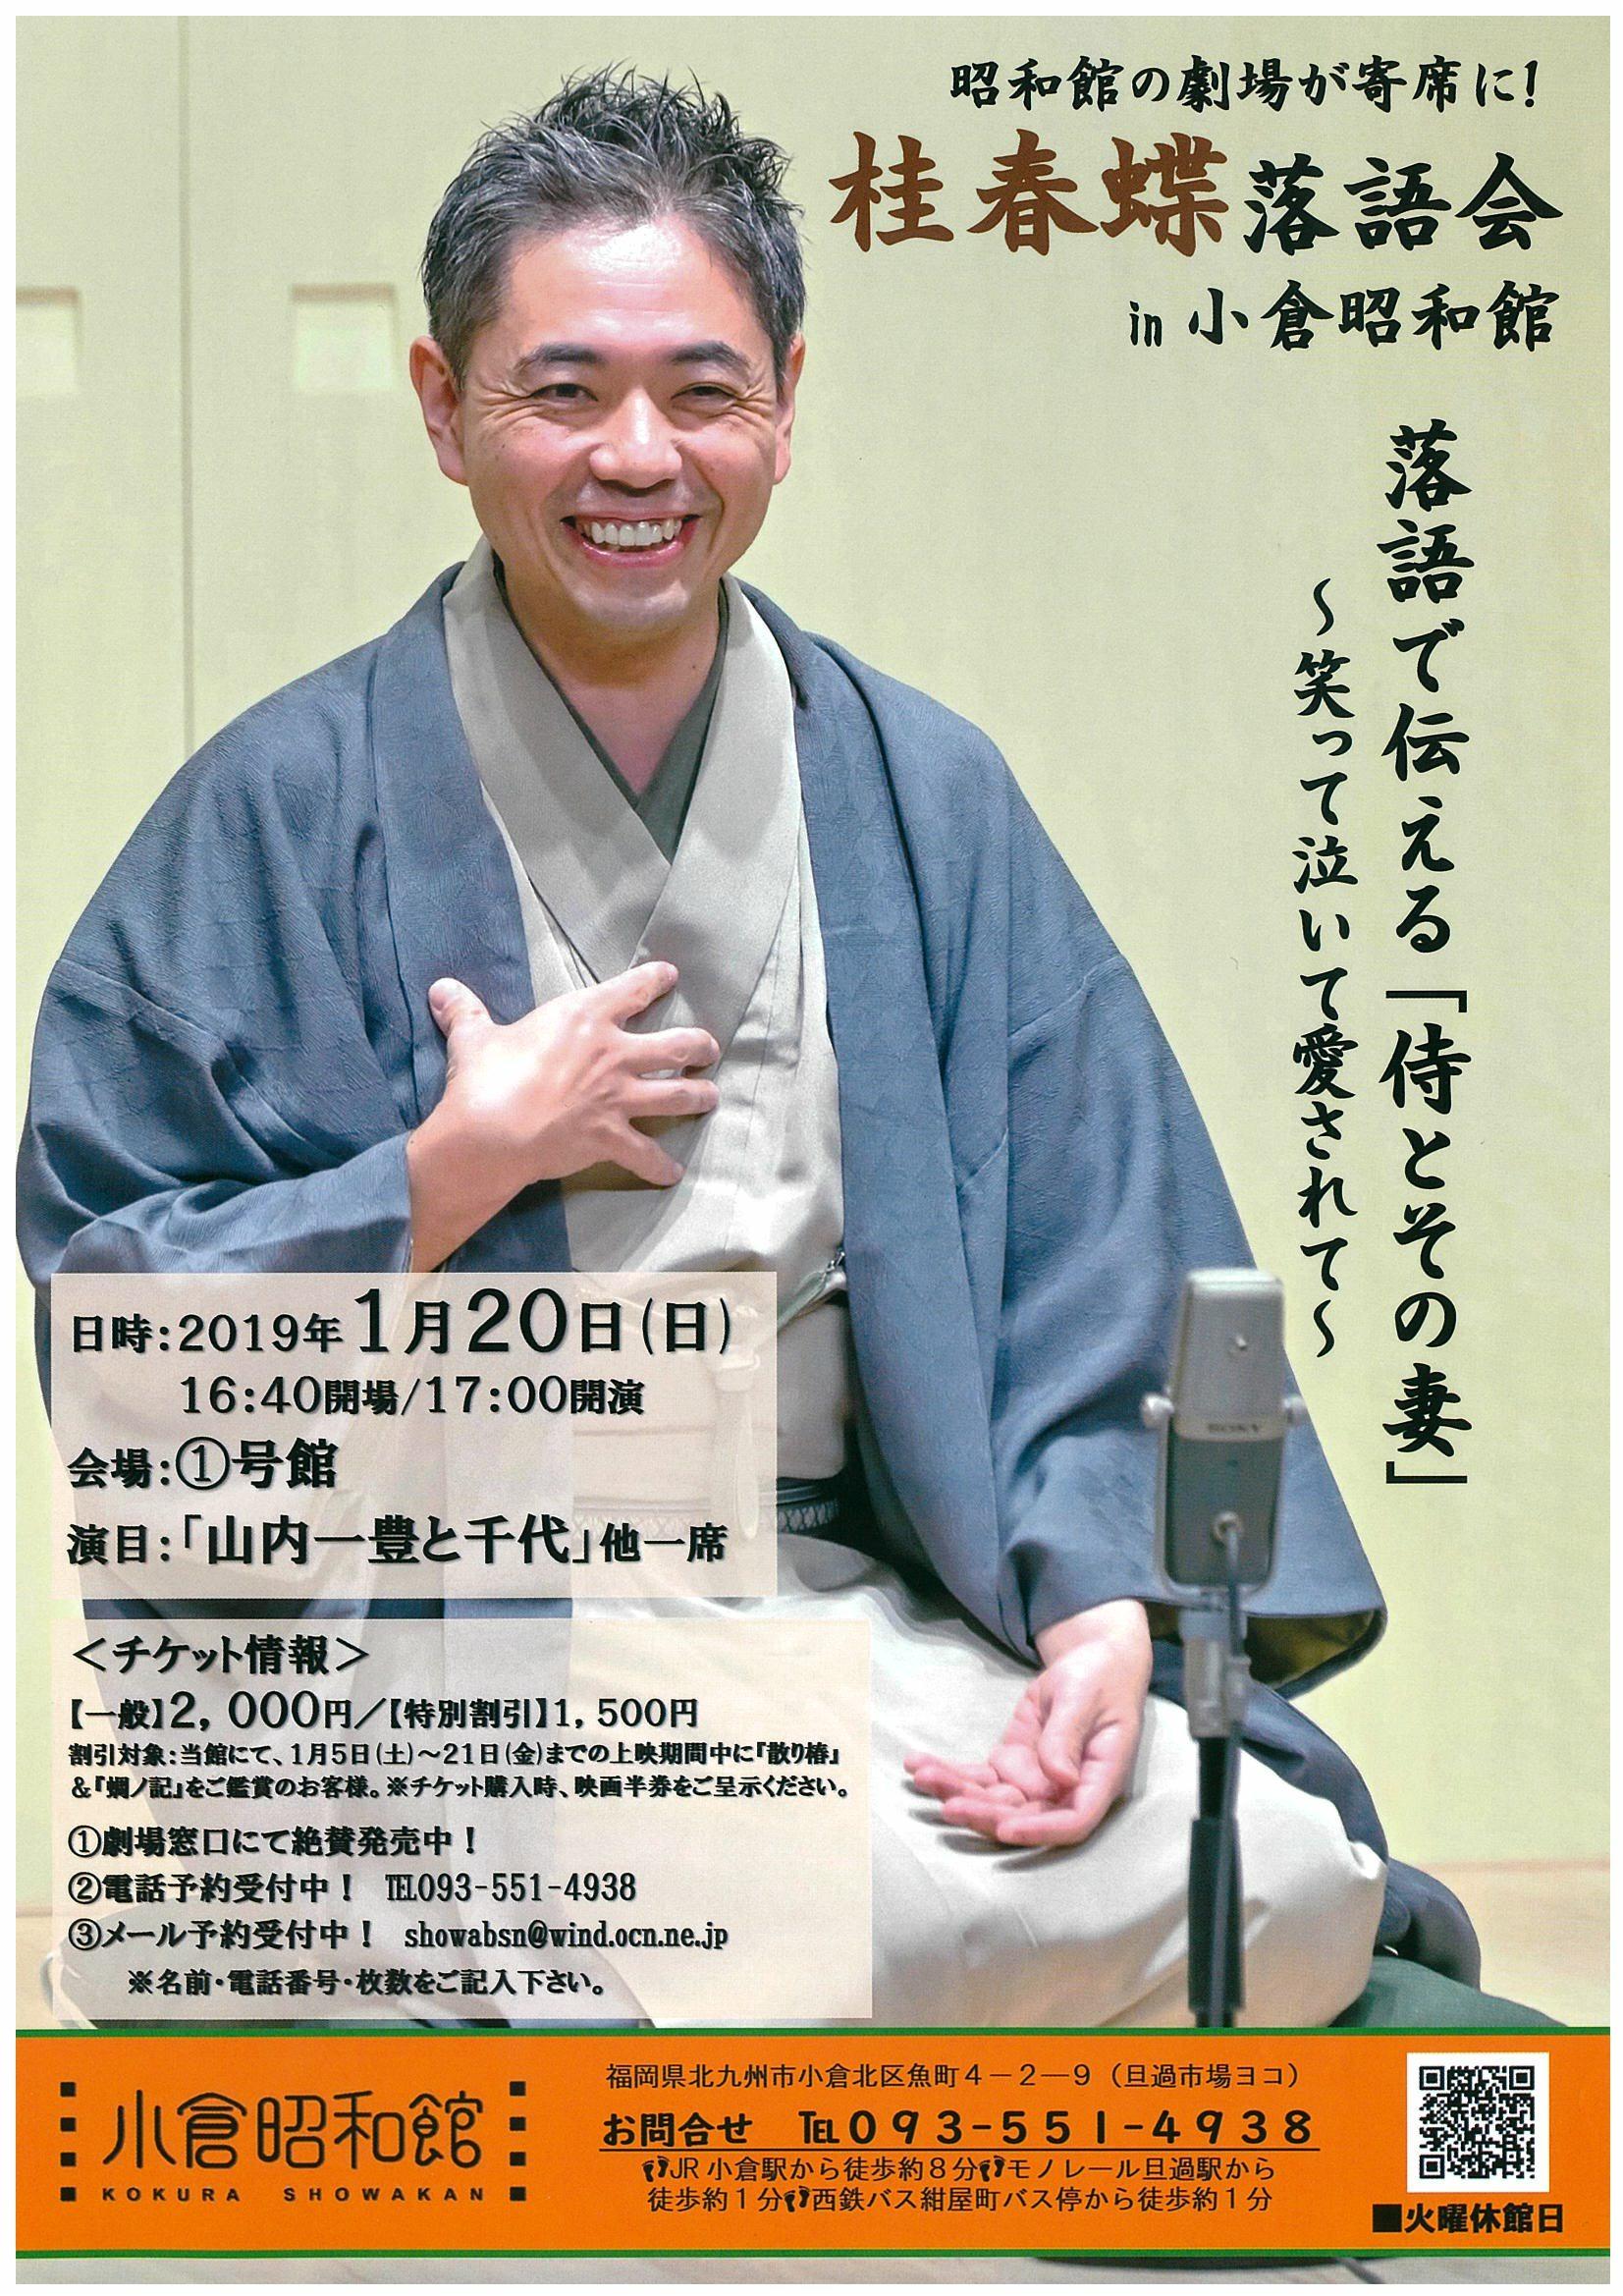 桂春蝶落語会in小倉昭和館